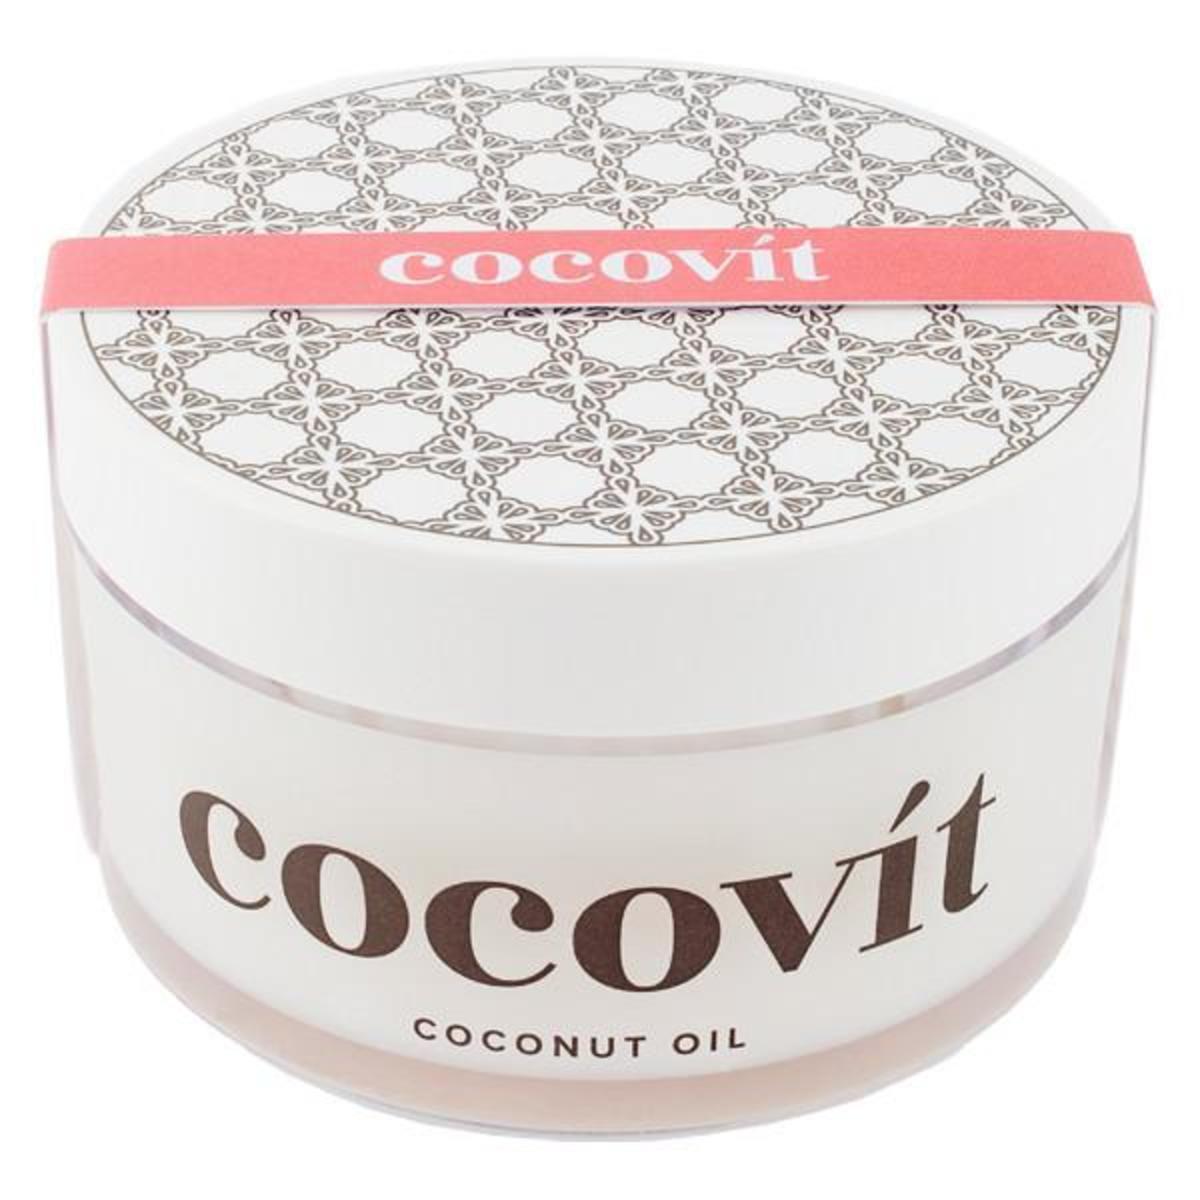 Cocovit Organic Coconut Oil